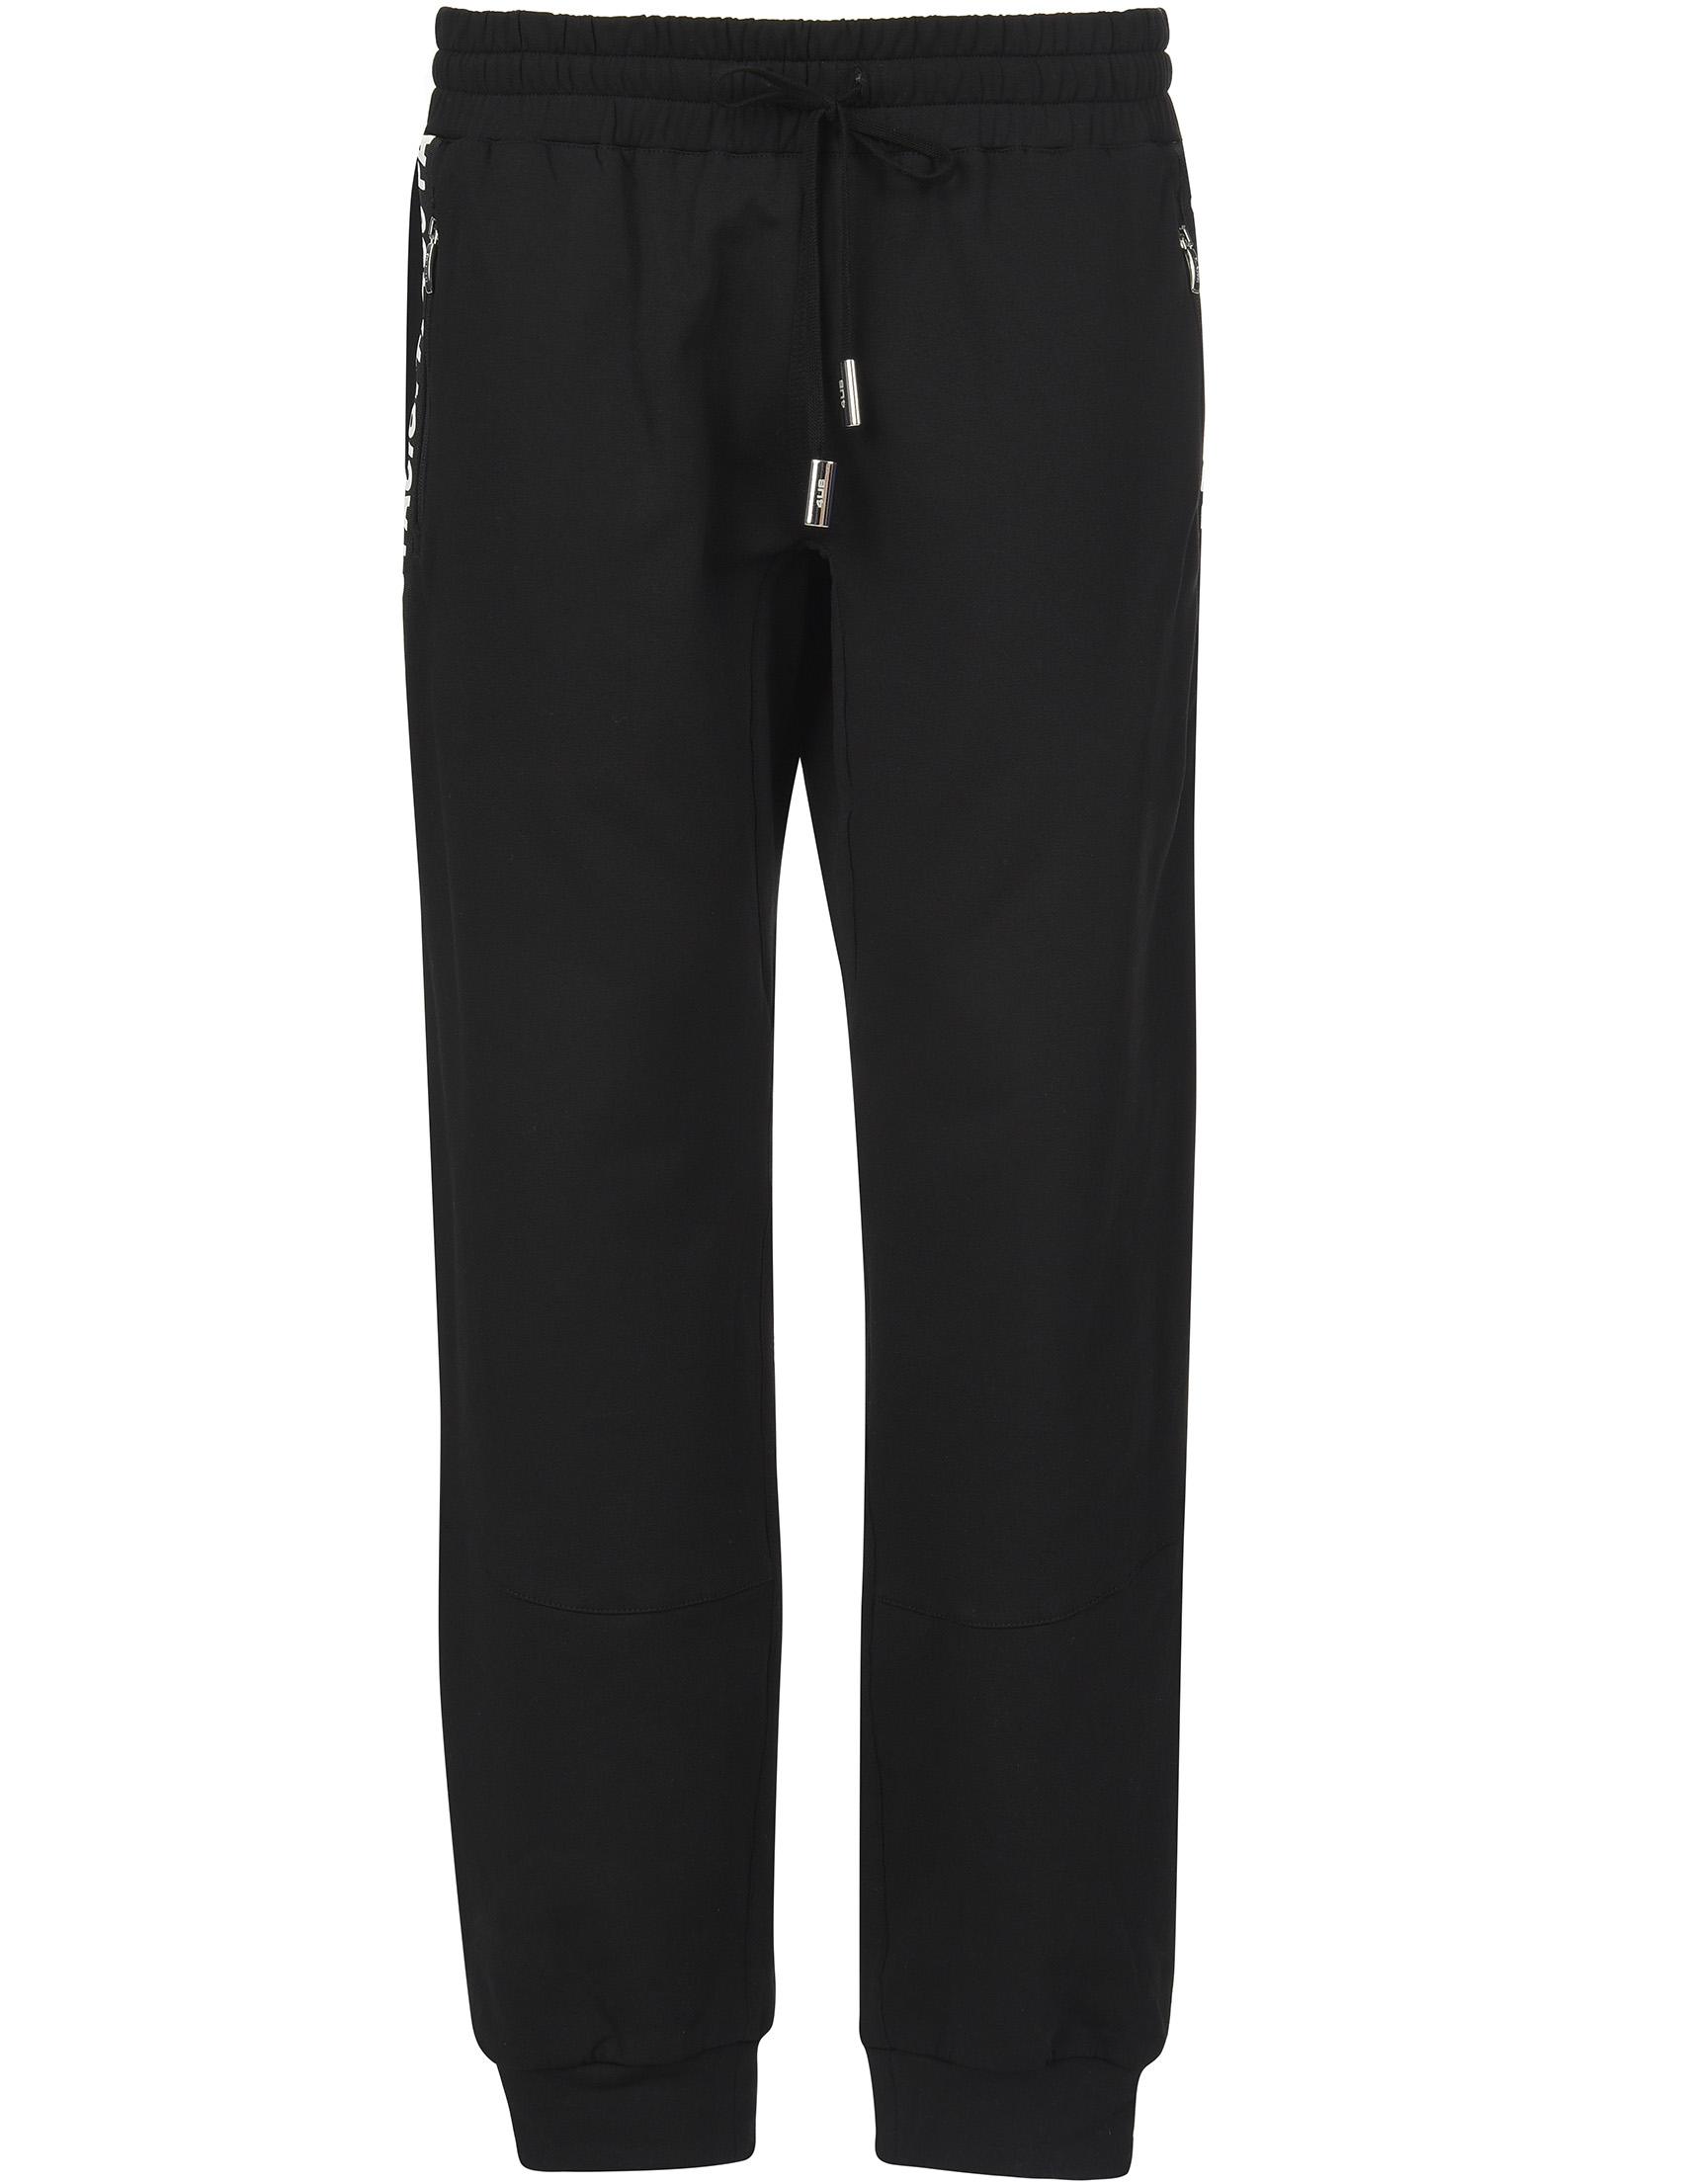 Мужские спортивные брюки CESARE PACIOTTI S1113_black